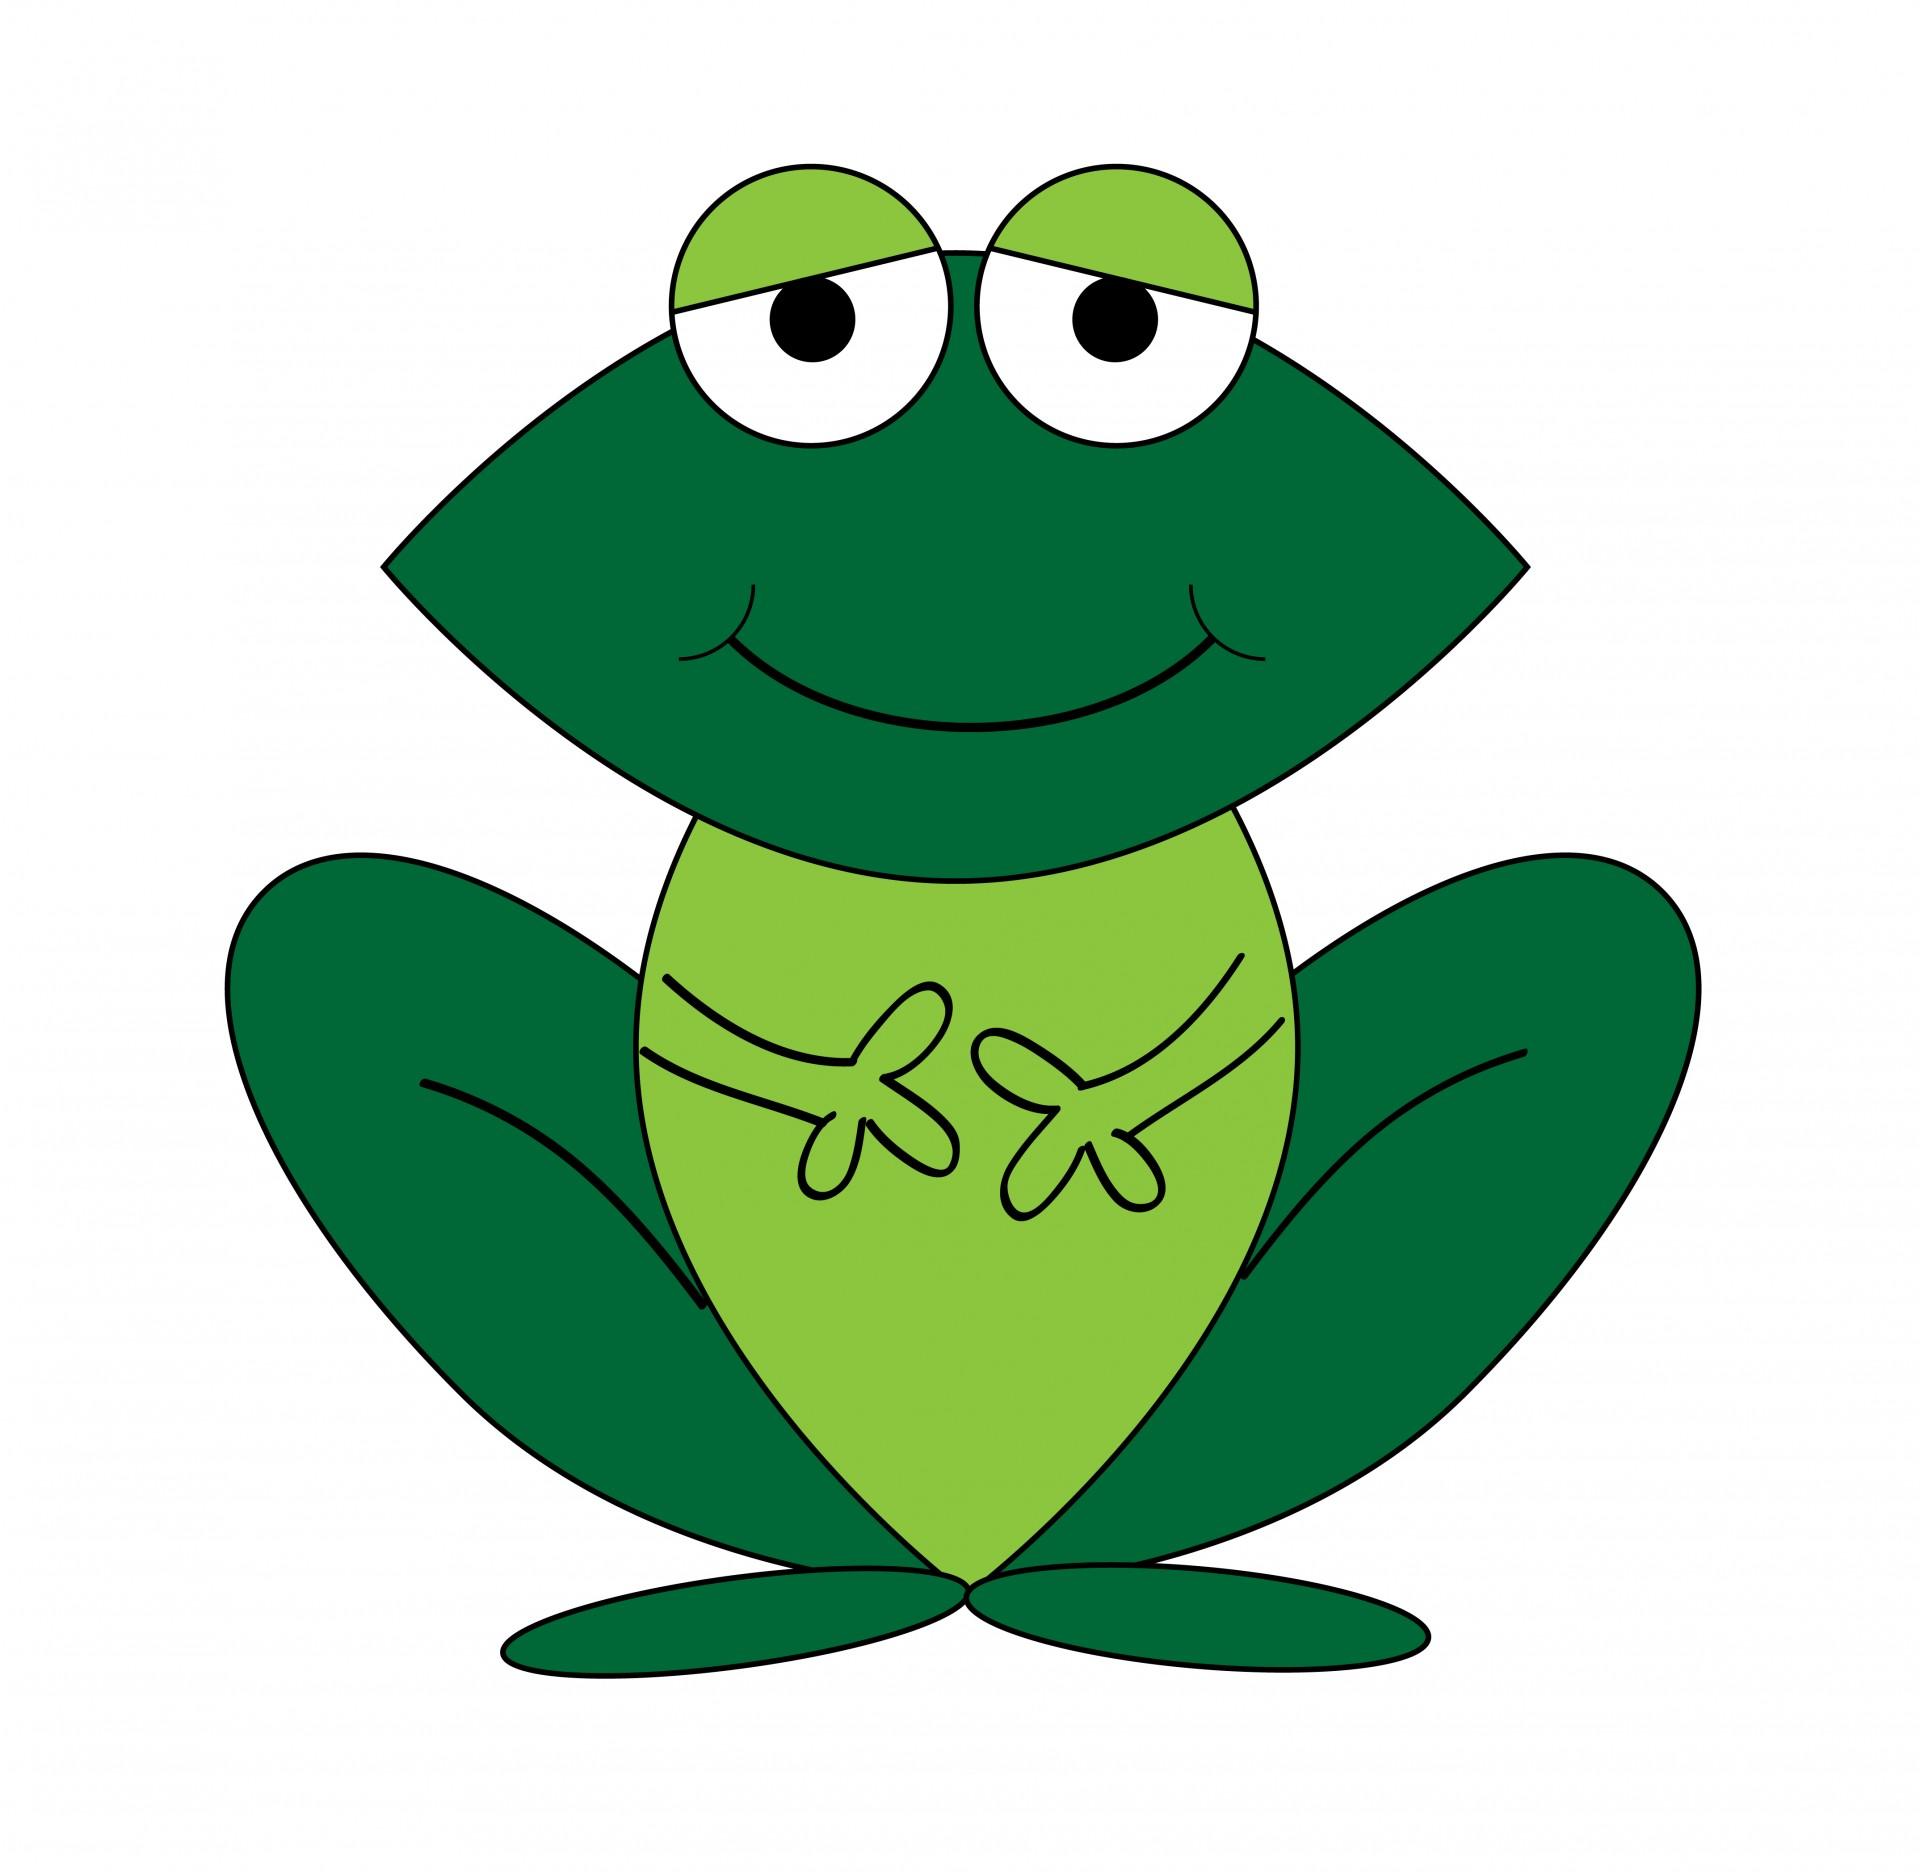 1920x1872 Frog Cartoon Clipart Free Stock Photo